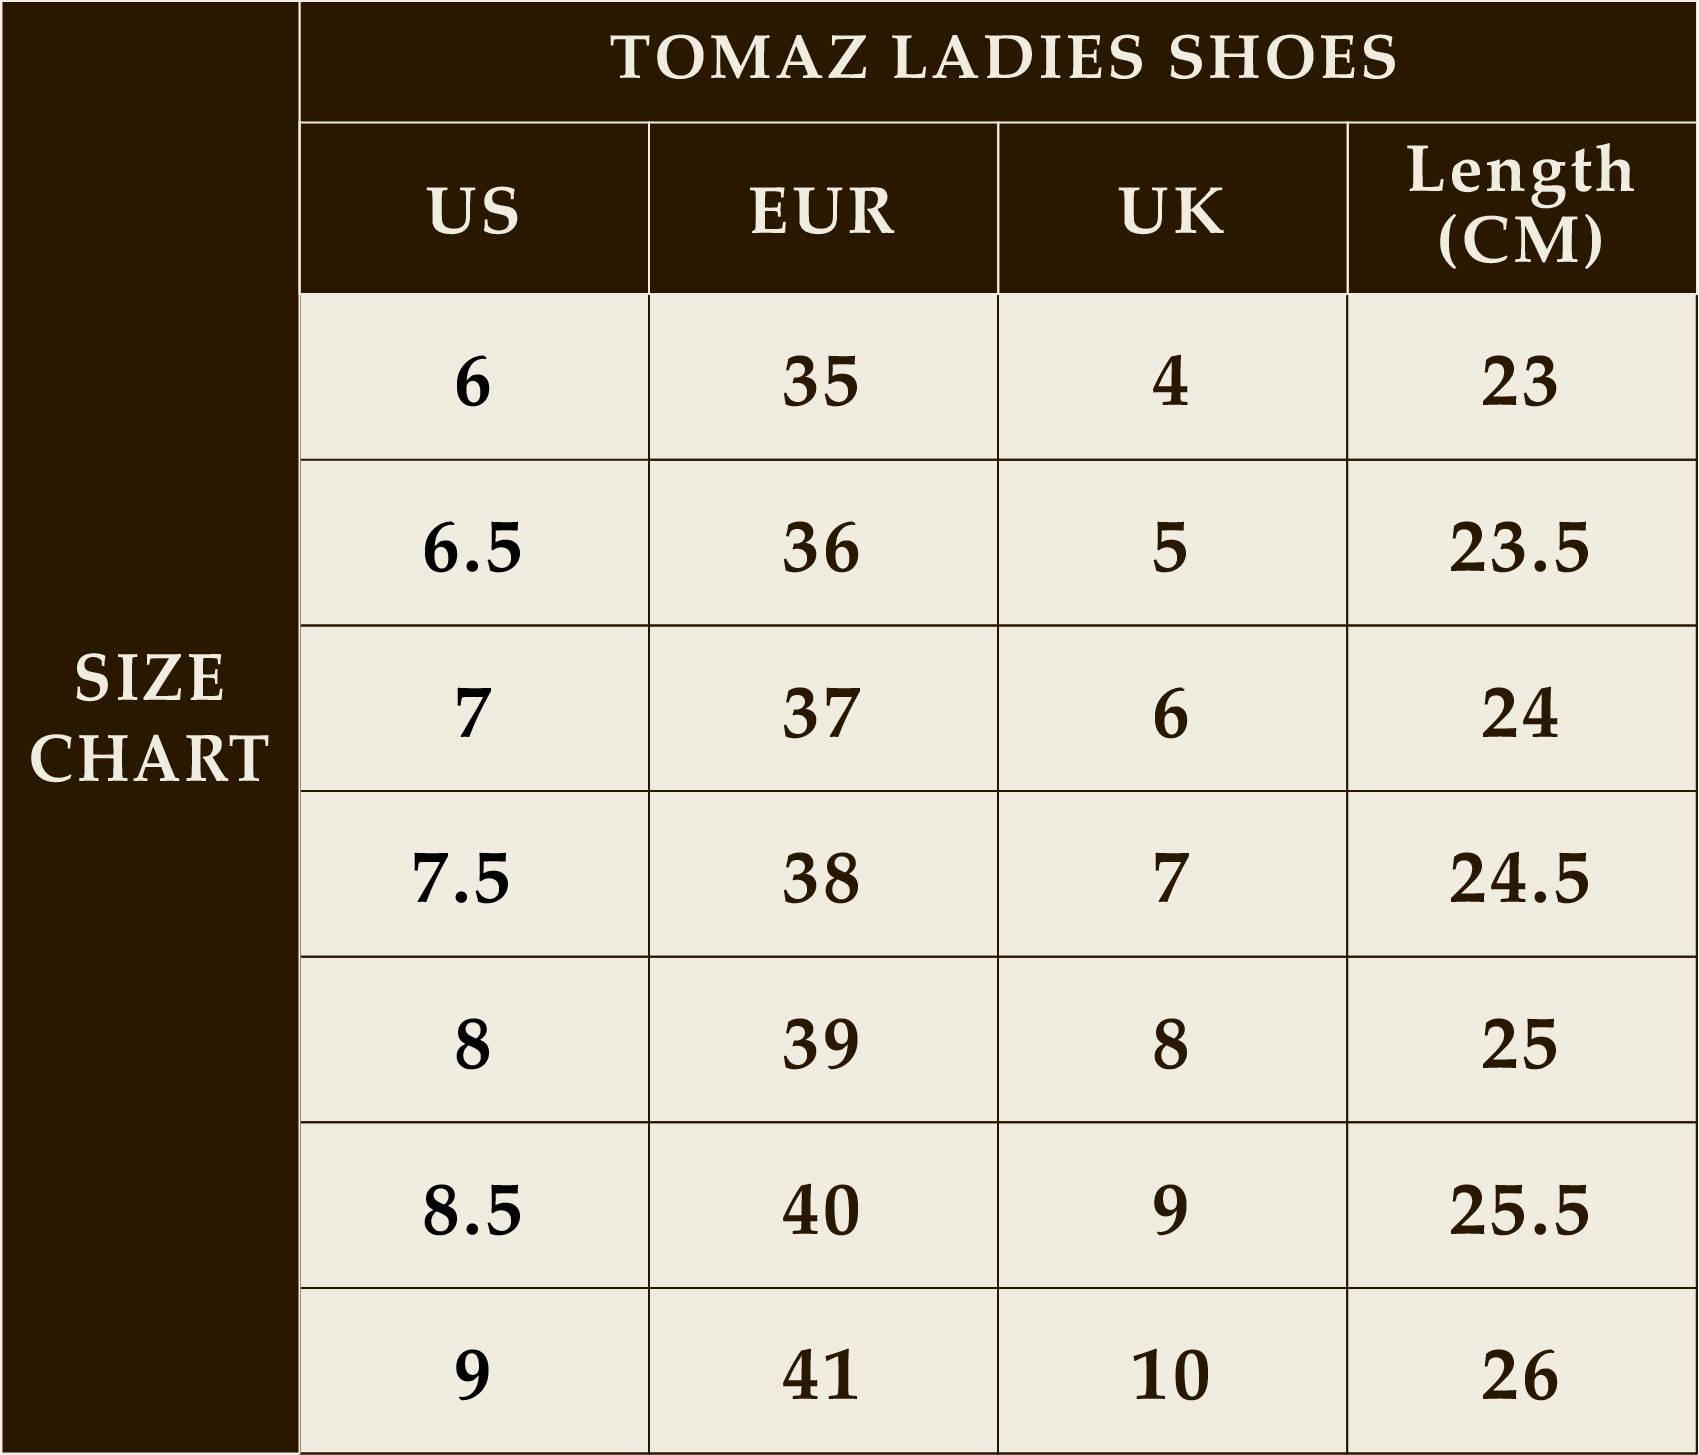 Tomaz Shoes Size Guide Tomaz Shoes